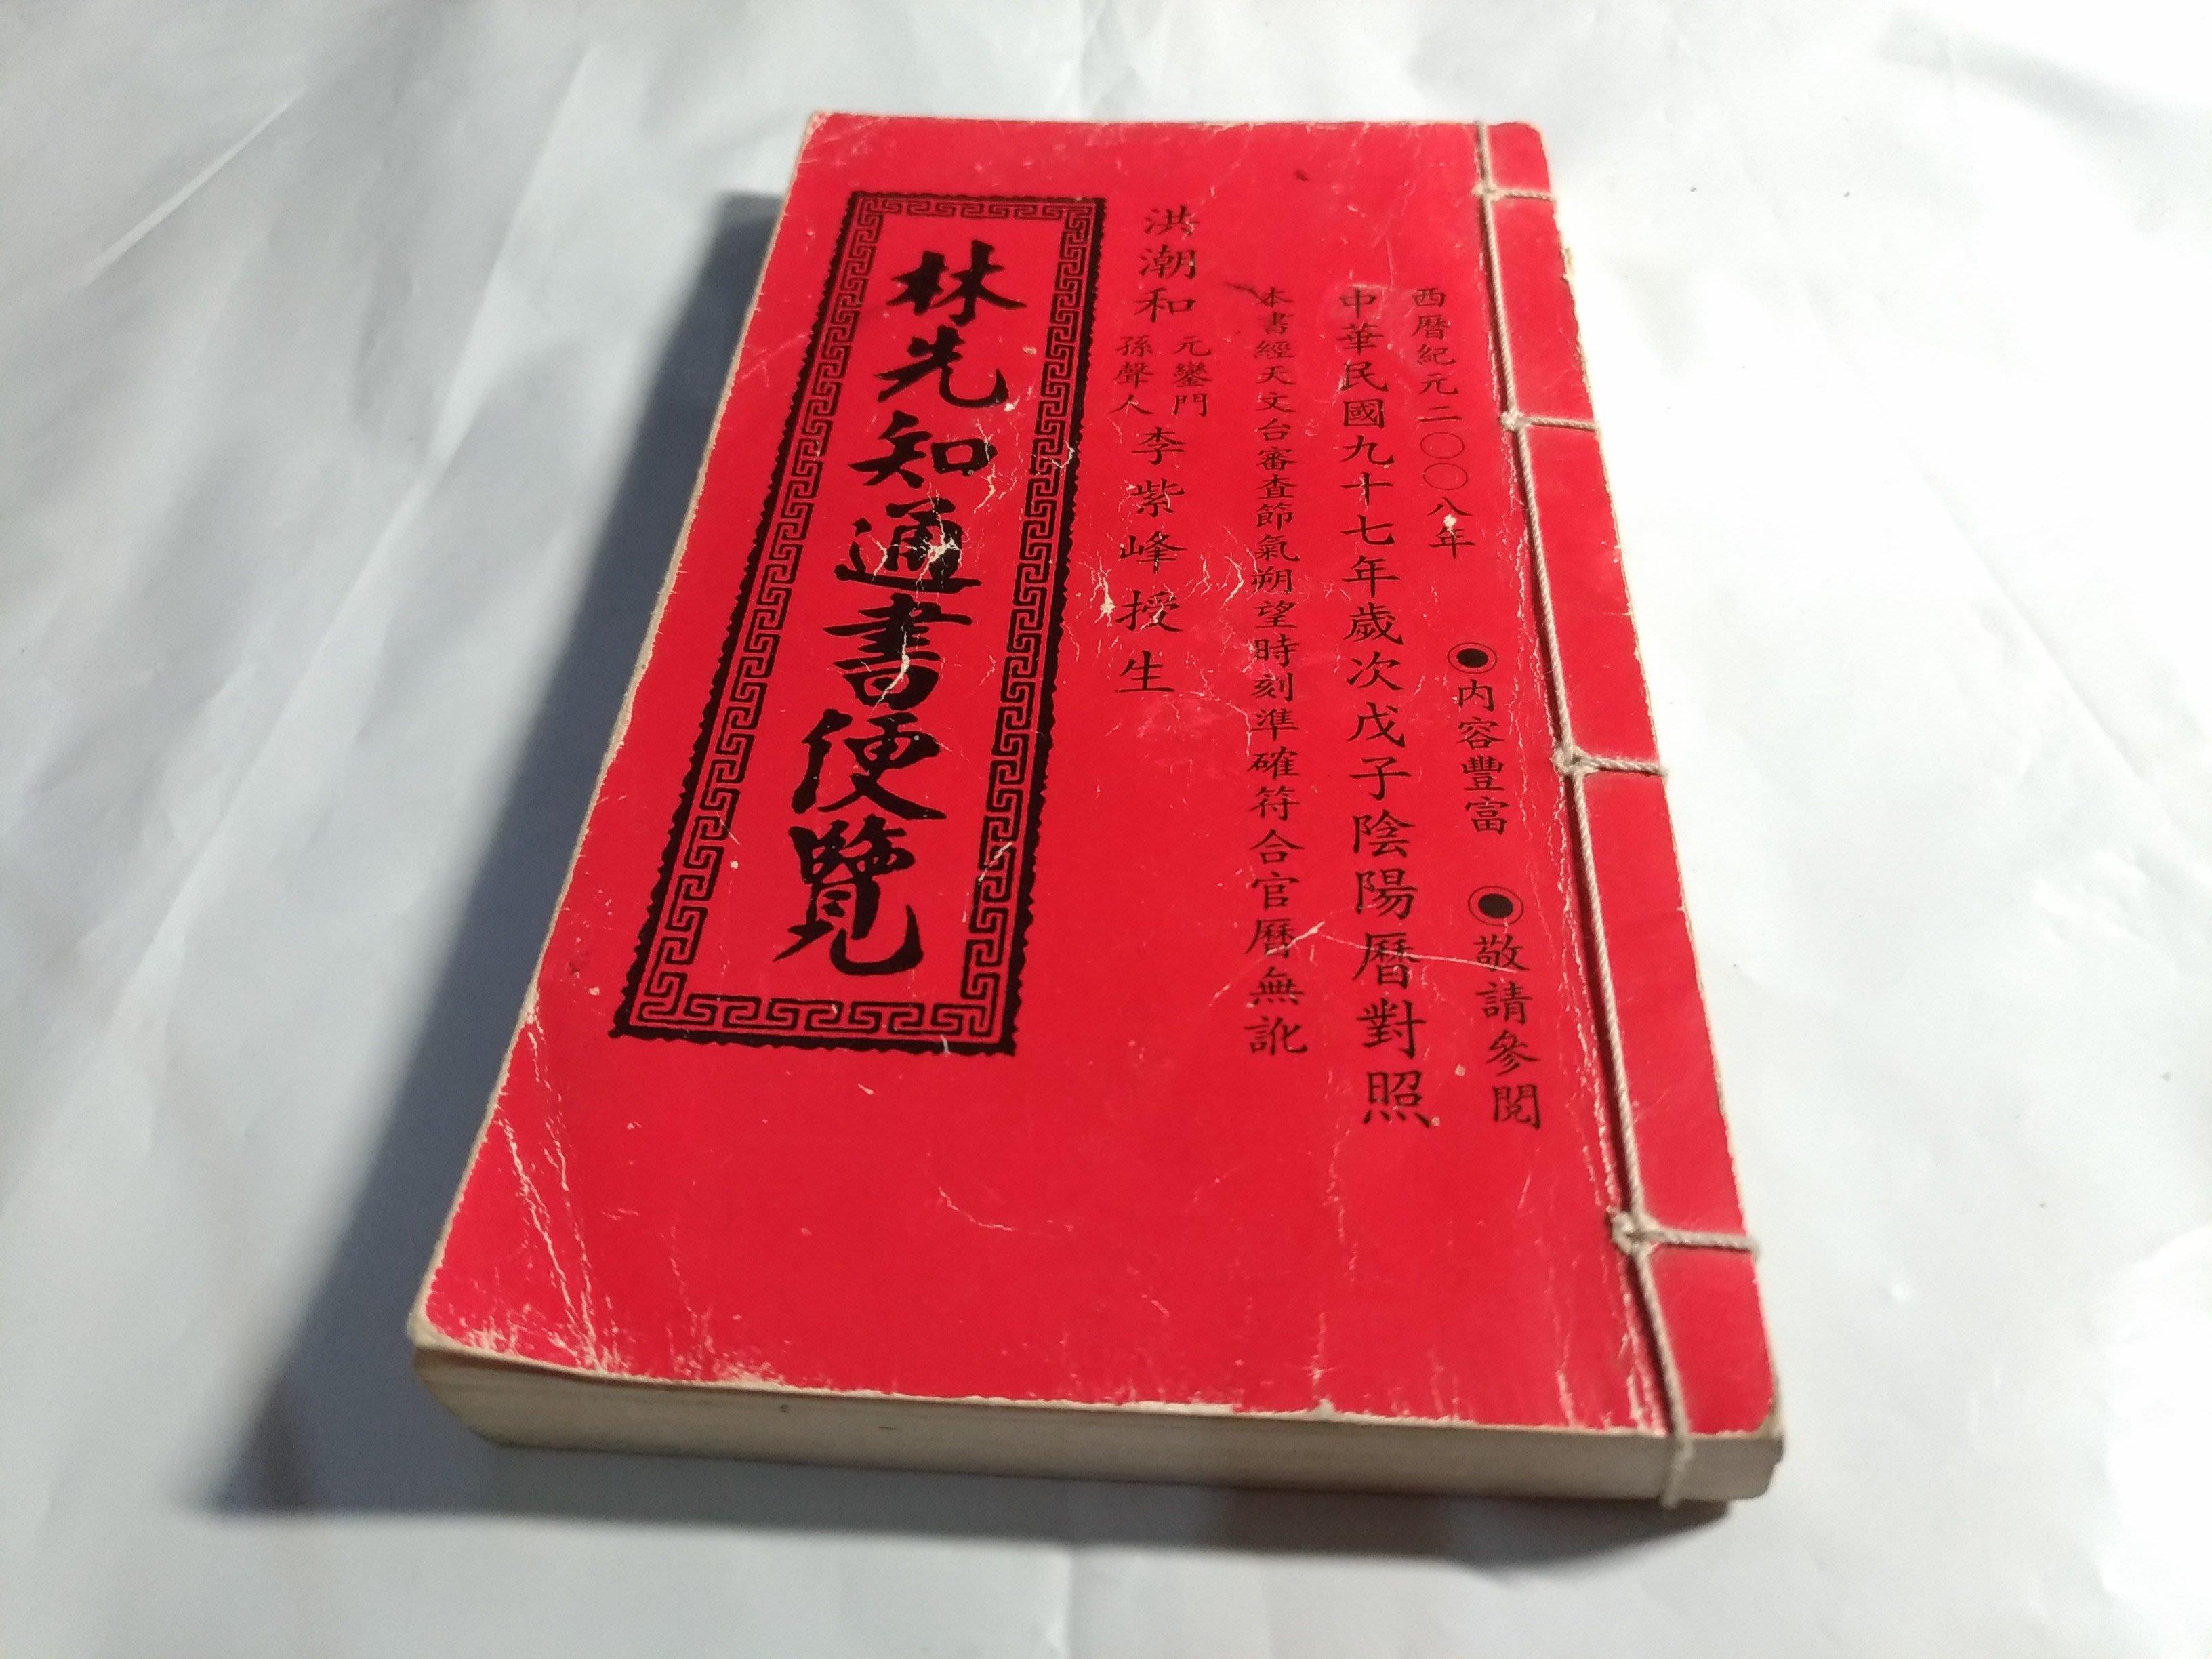 *掛著賣書舖* 《林先知通書便覽 中華民國九十七年》|洪潮和|李紫峰|五成新